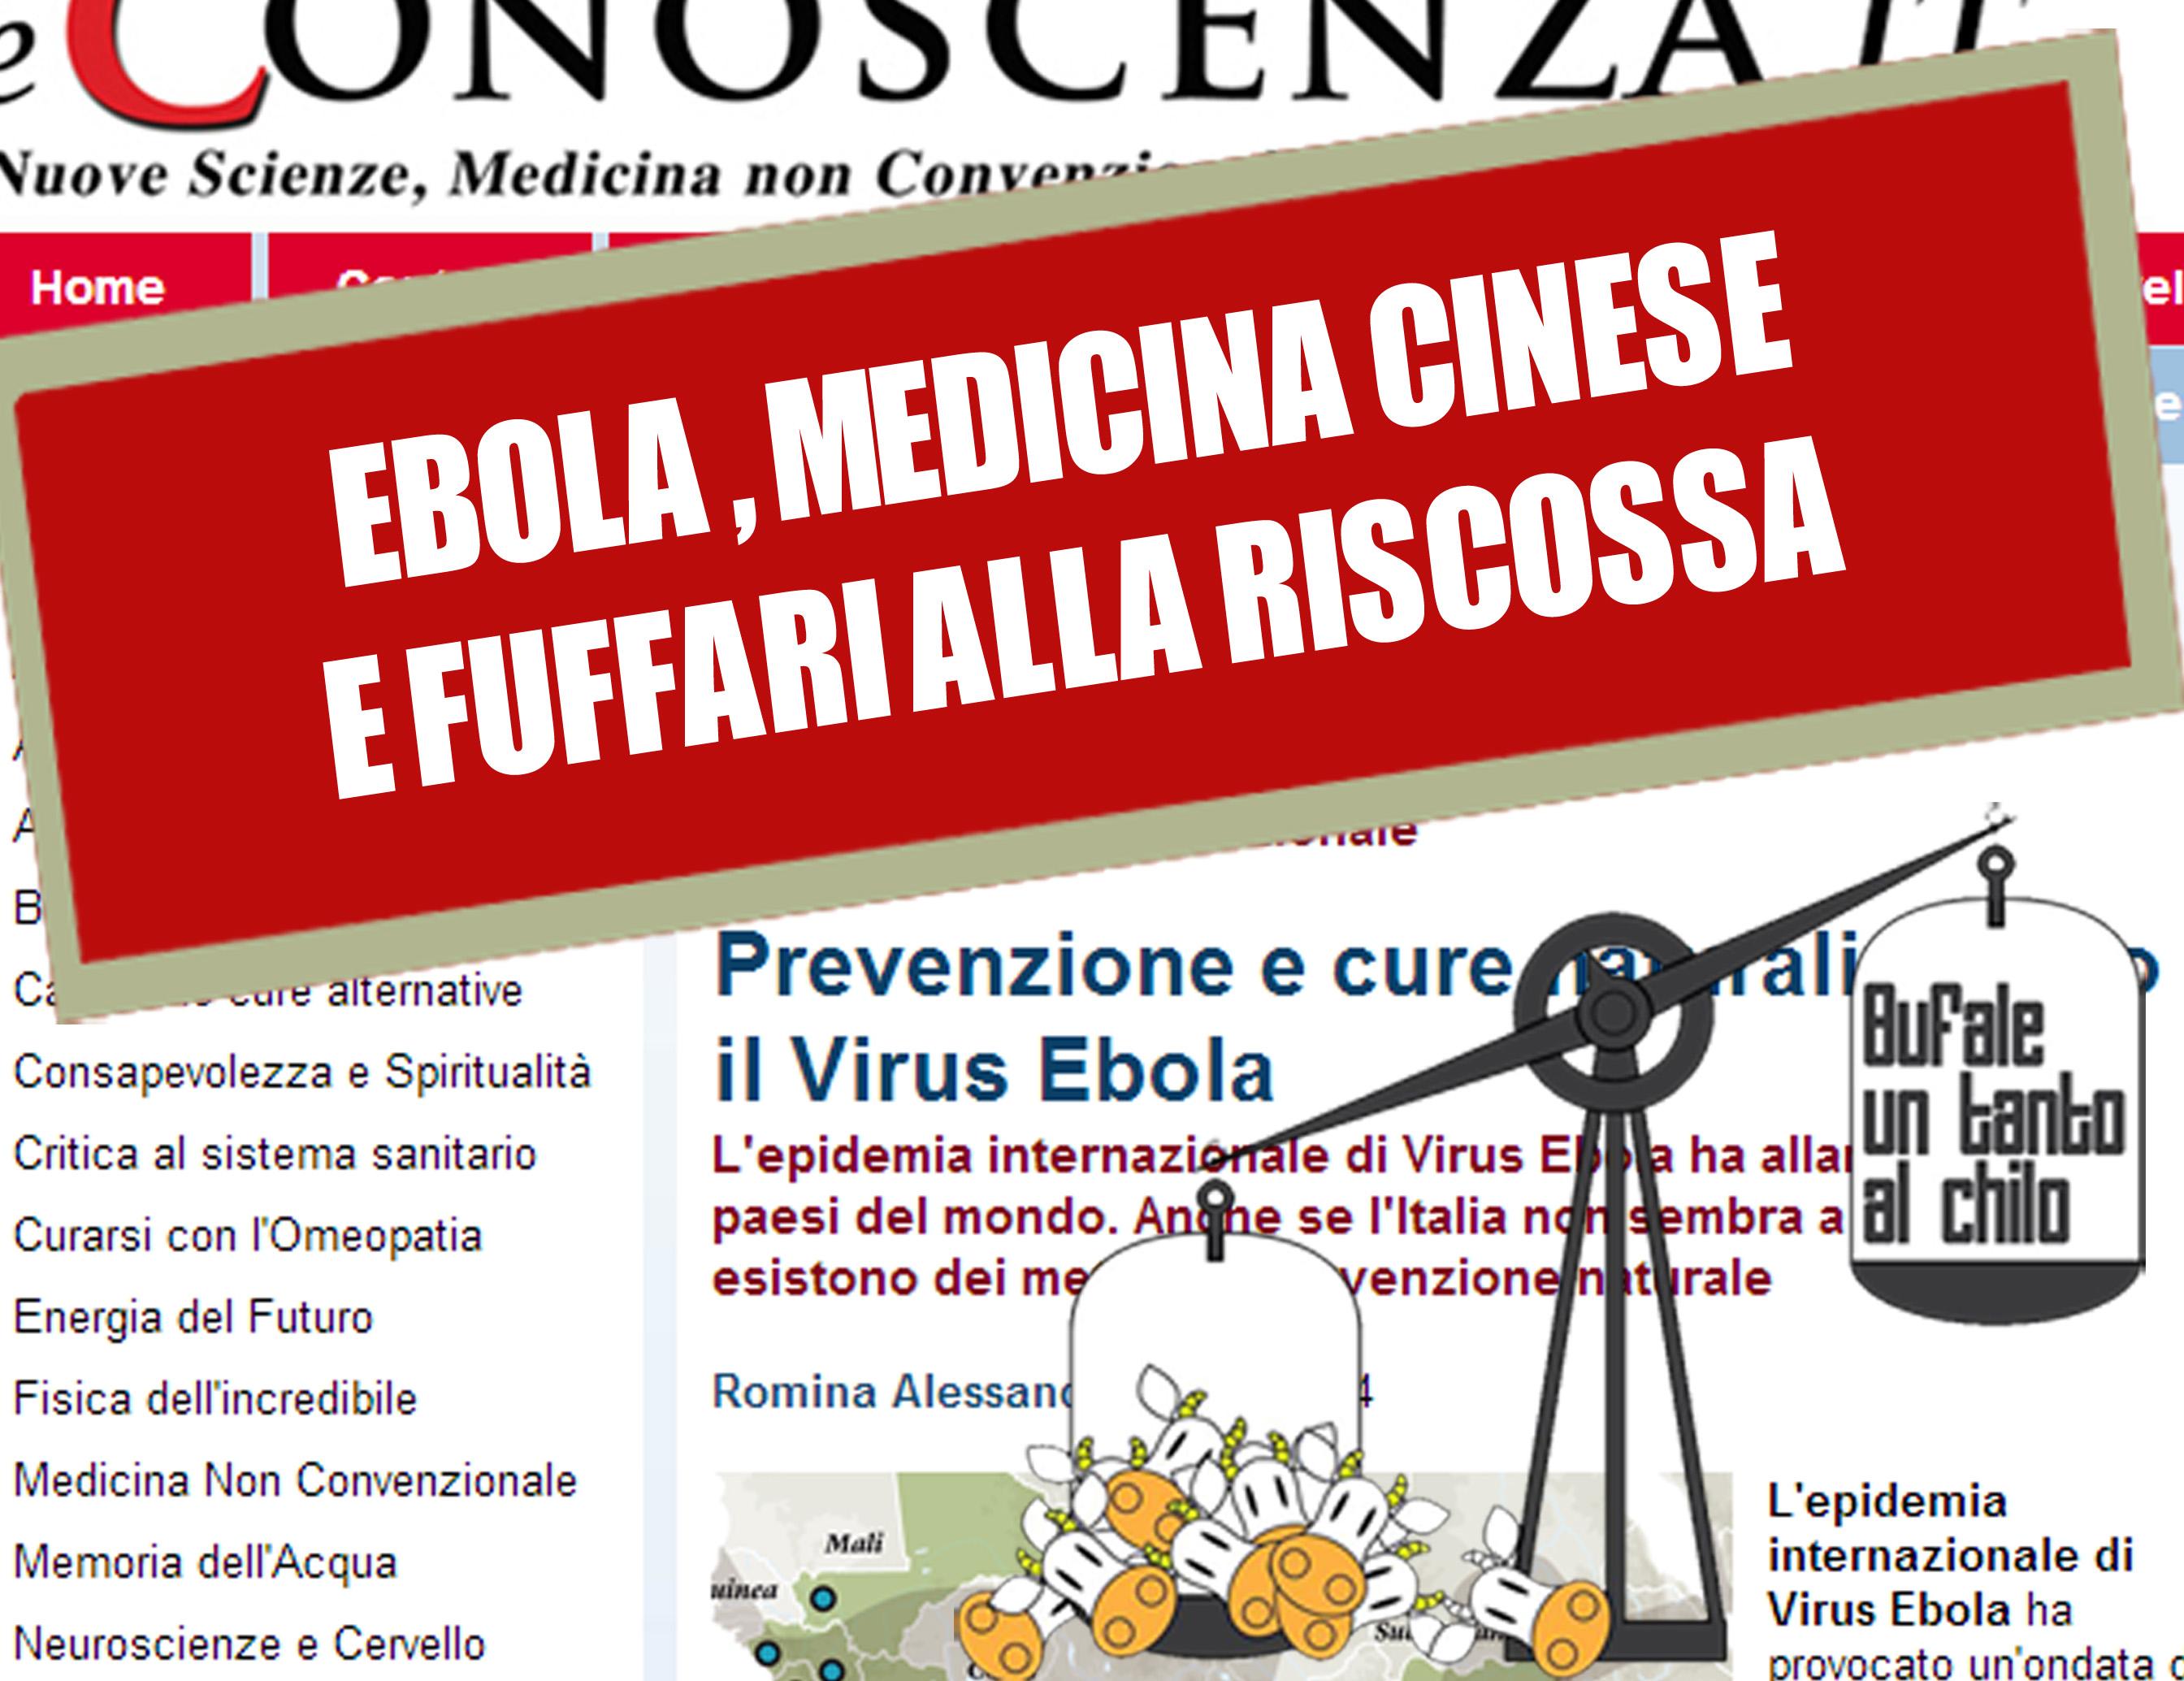 EBOLA-MEDICINACINESE